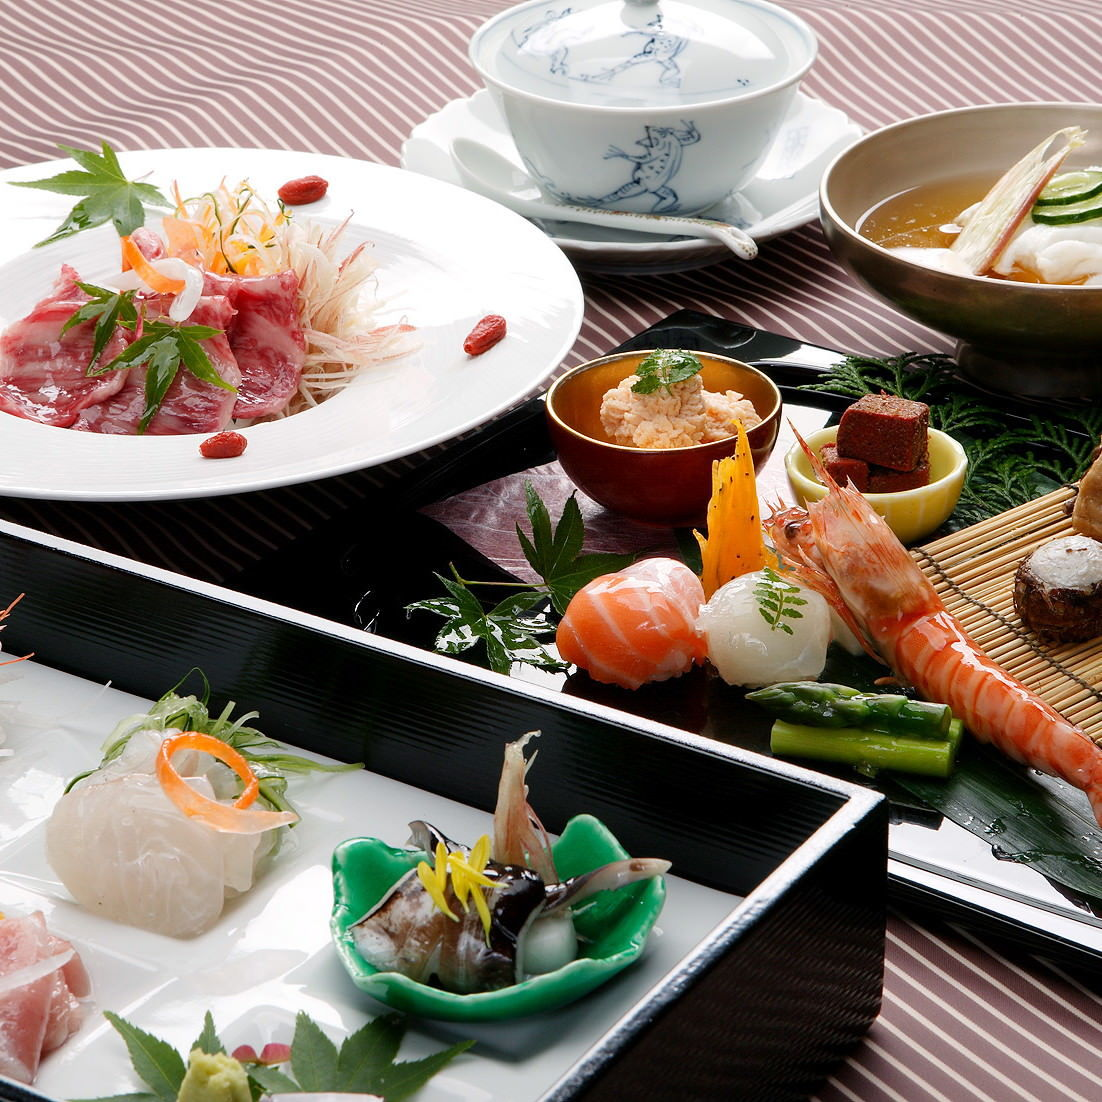 四季の会席料理は、旬の食材を活かしたお料理をご用意します。